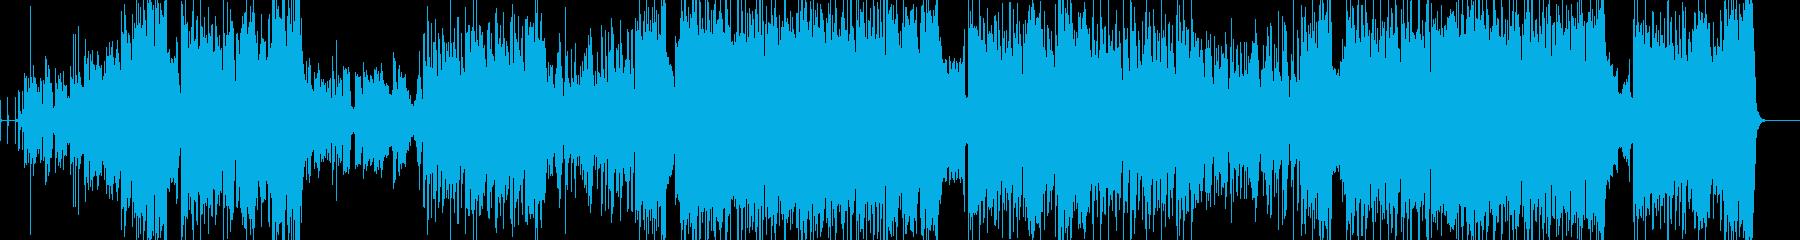 青空が似合う爽やかなアニソン曲の再生済みの波形